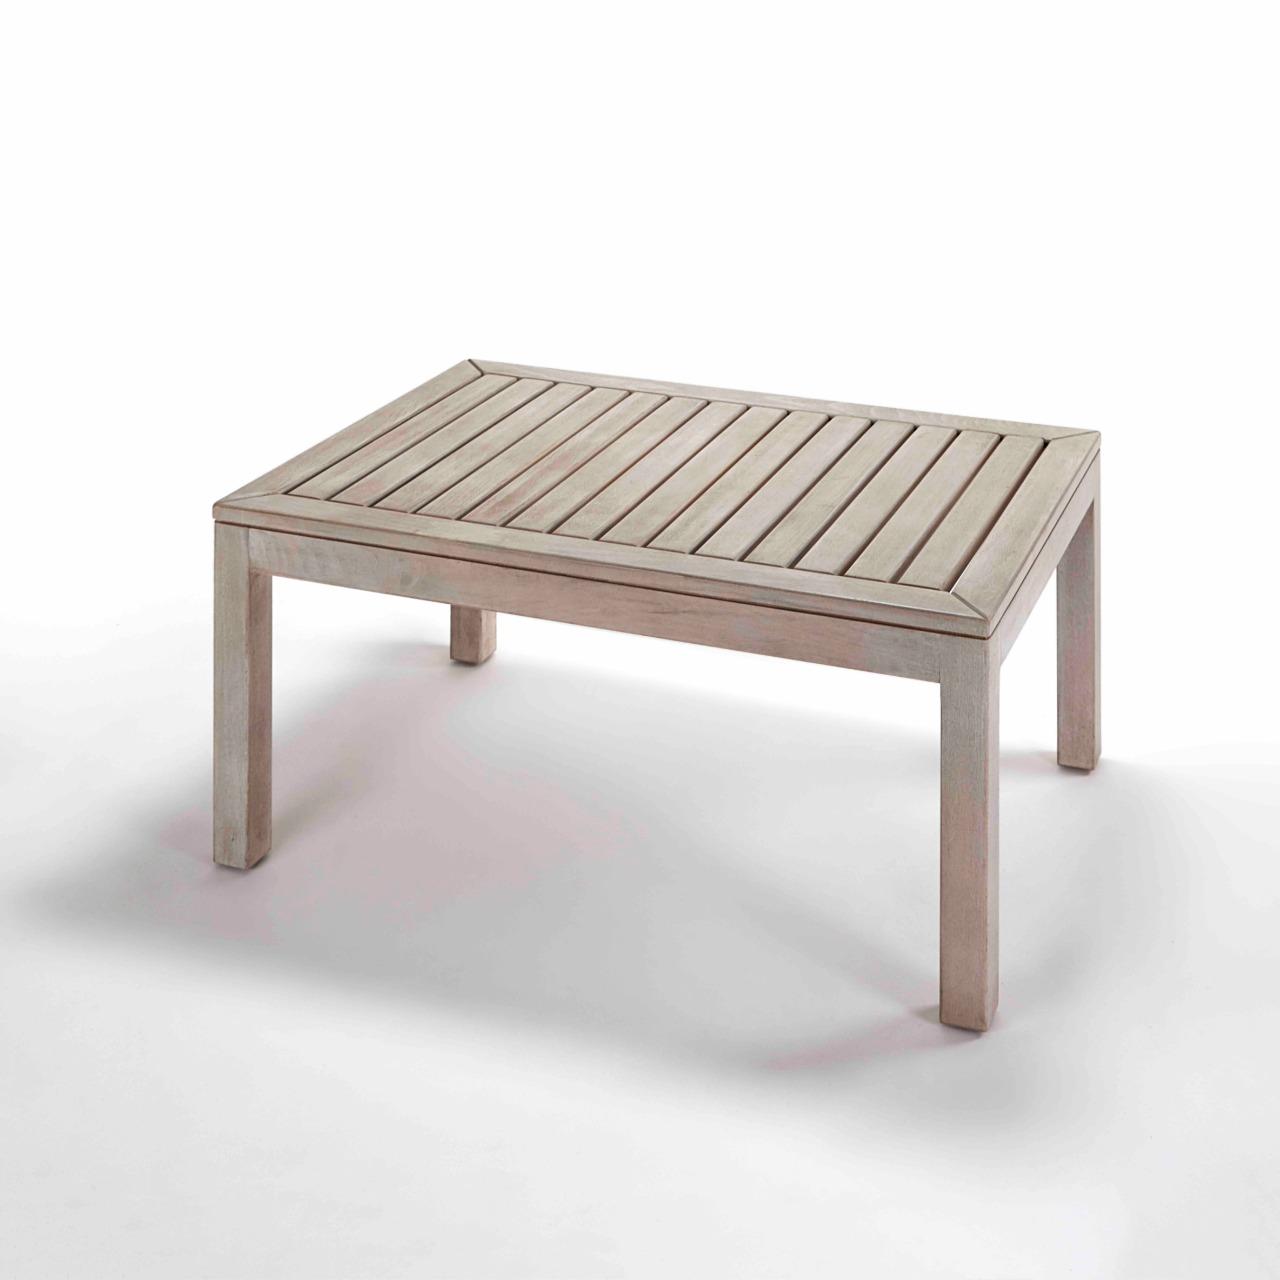 Sahel coffee table